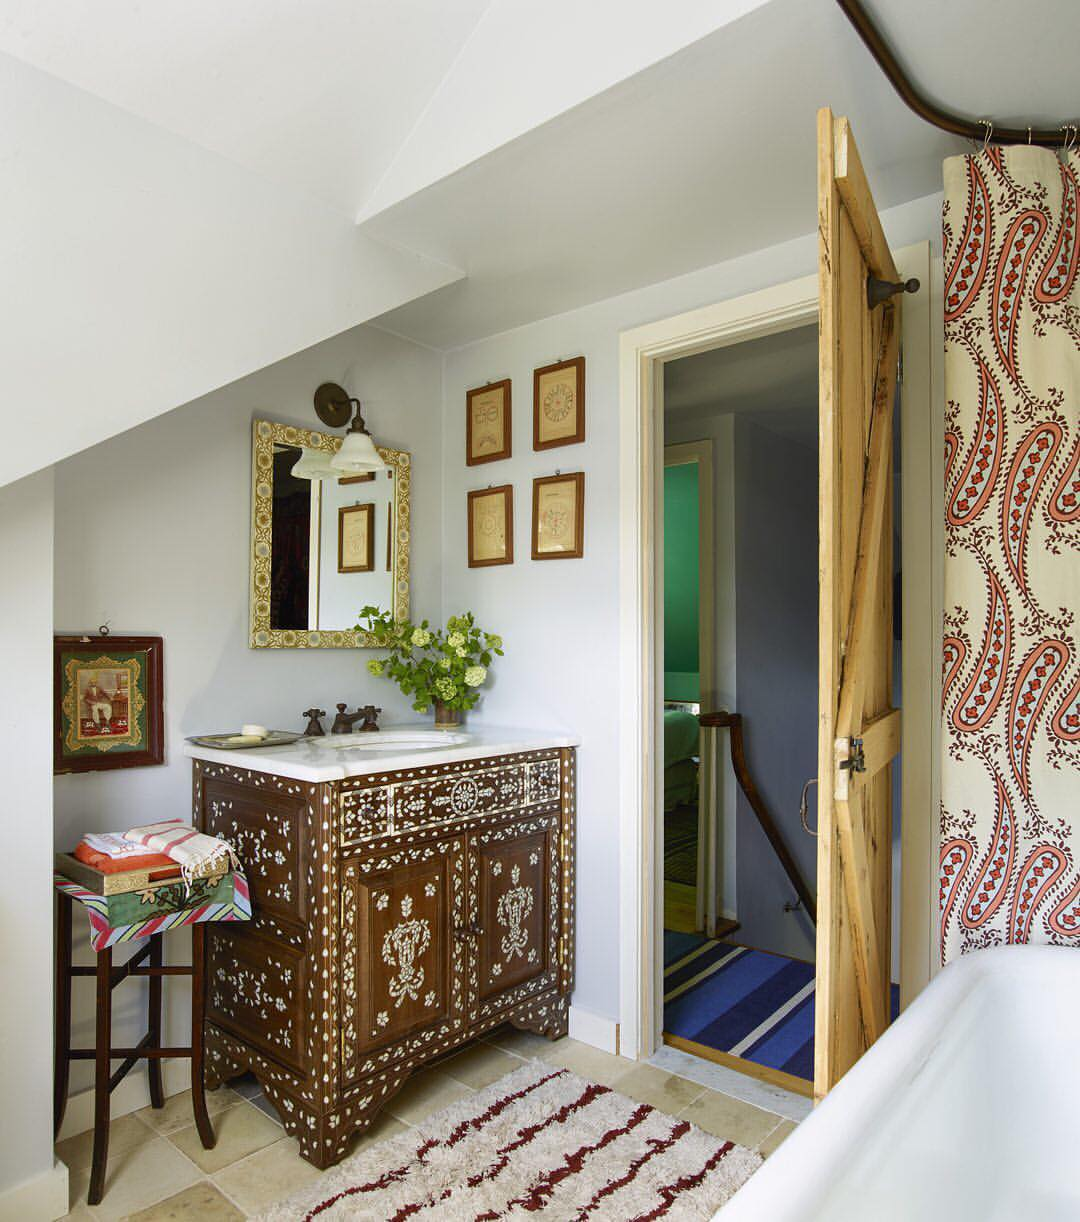 Идеи дизайна маленькой ванной комнаты в стиле этно